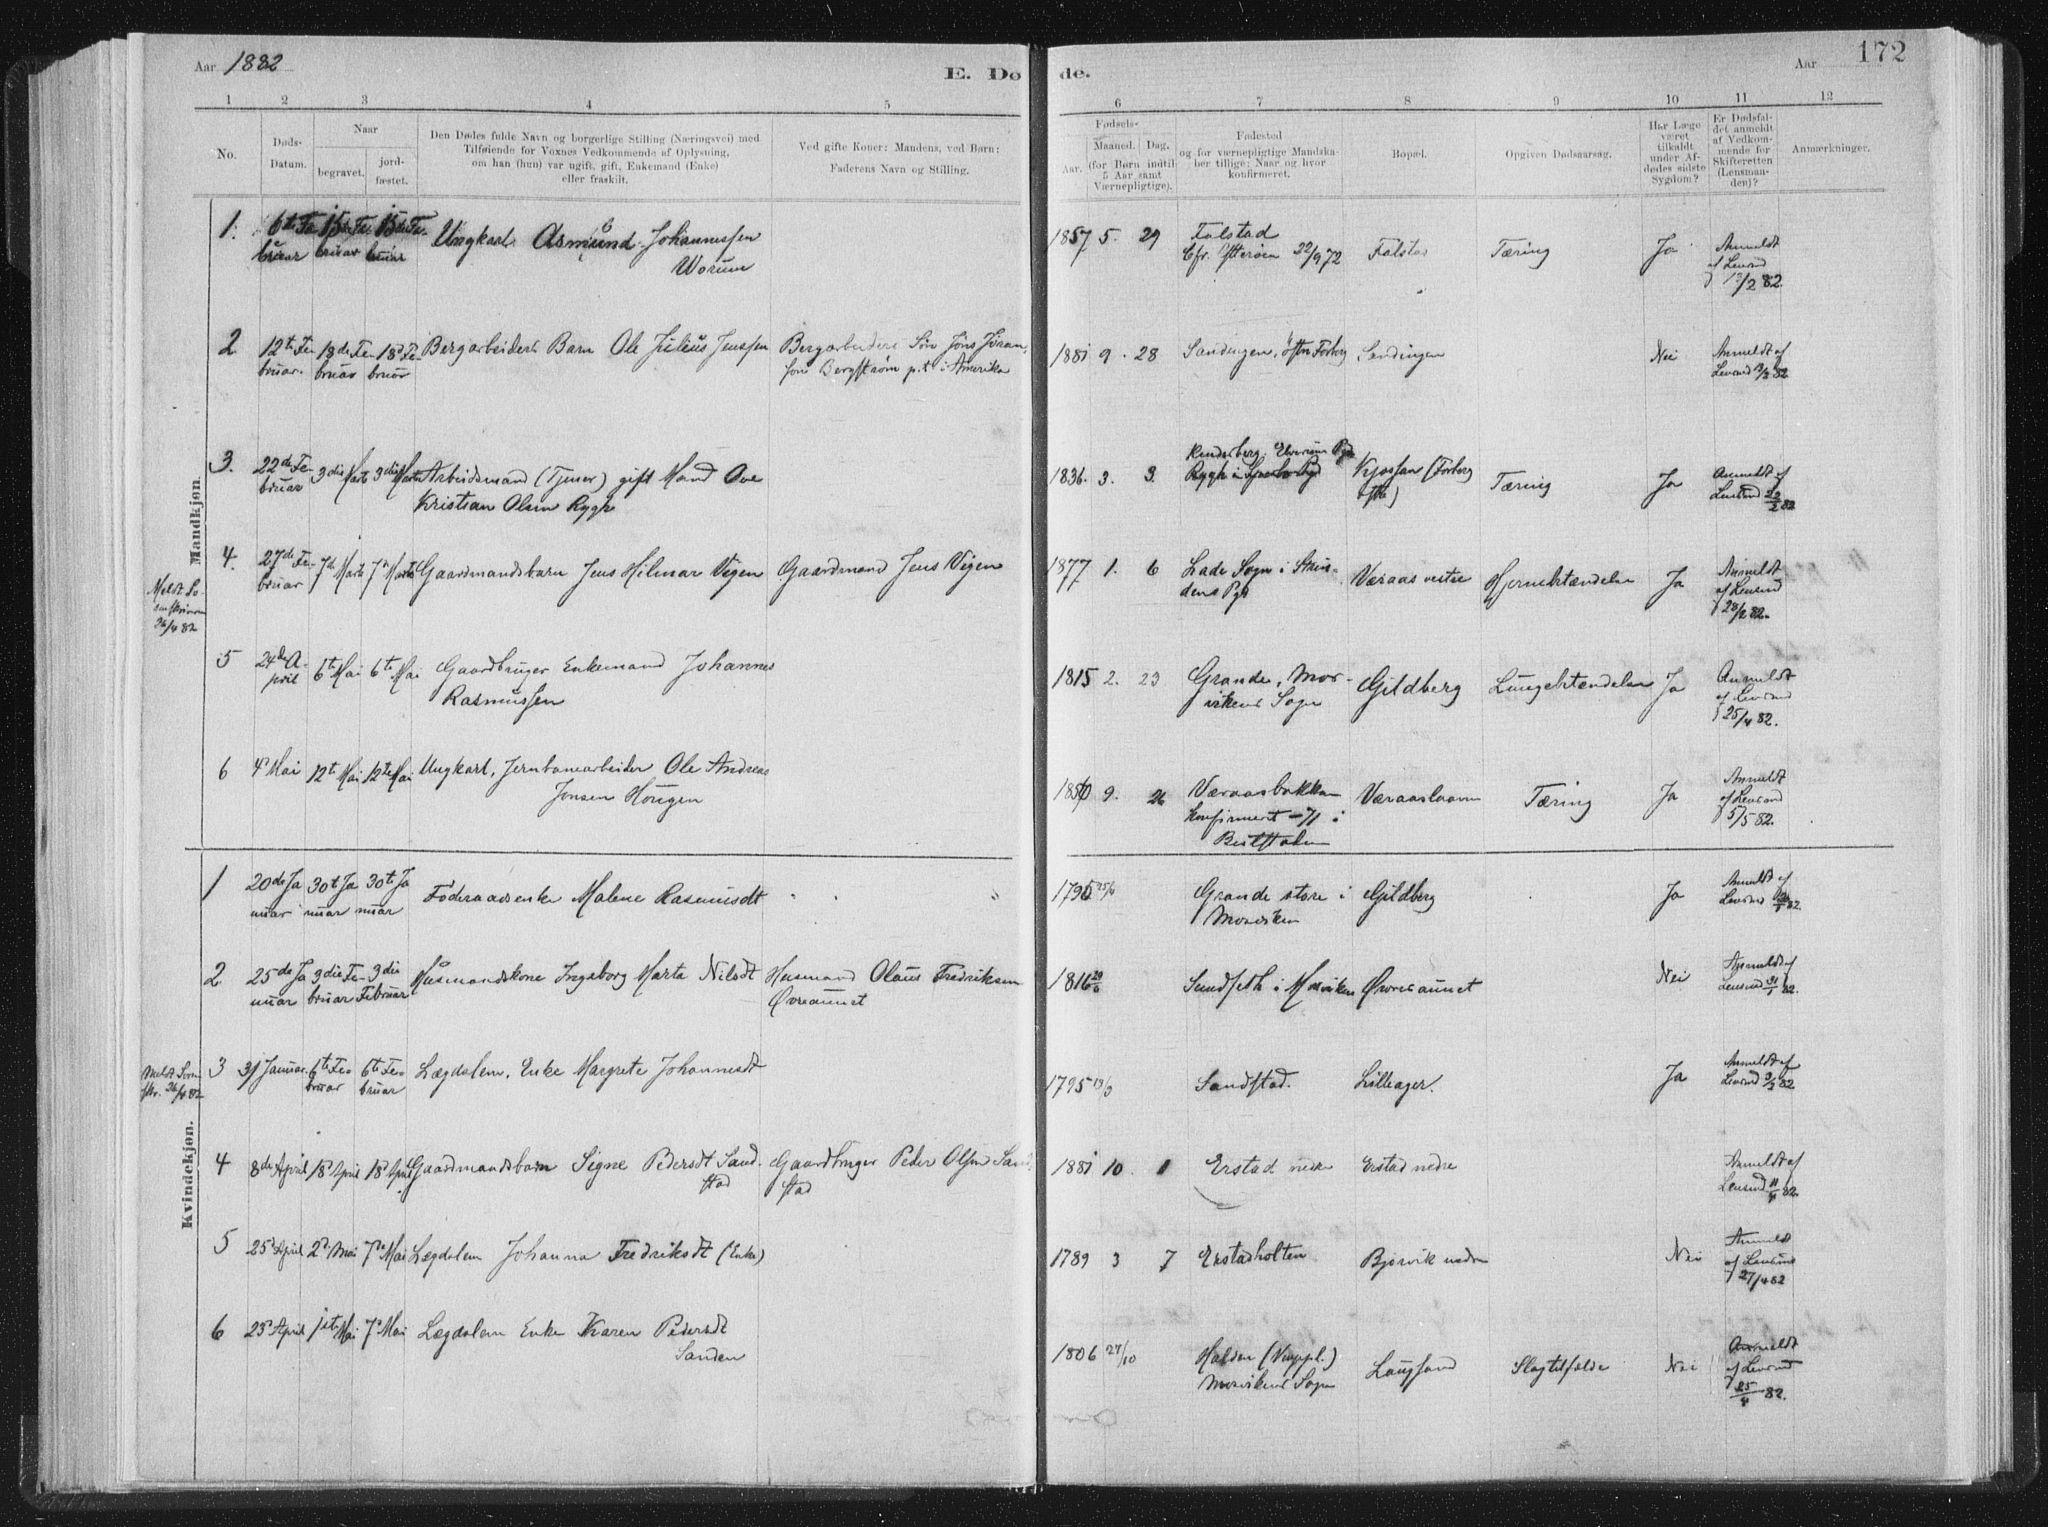 SAT, Ministerialprotokoller, klokkerbøker og fødselsregistre - Nord-Trøndelag, 722/L0220: Ministerialbok nr. 722A07, 1881-1908, s. 172